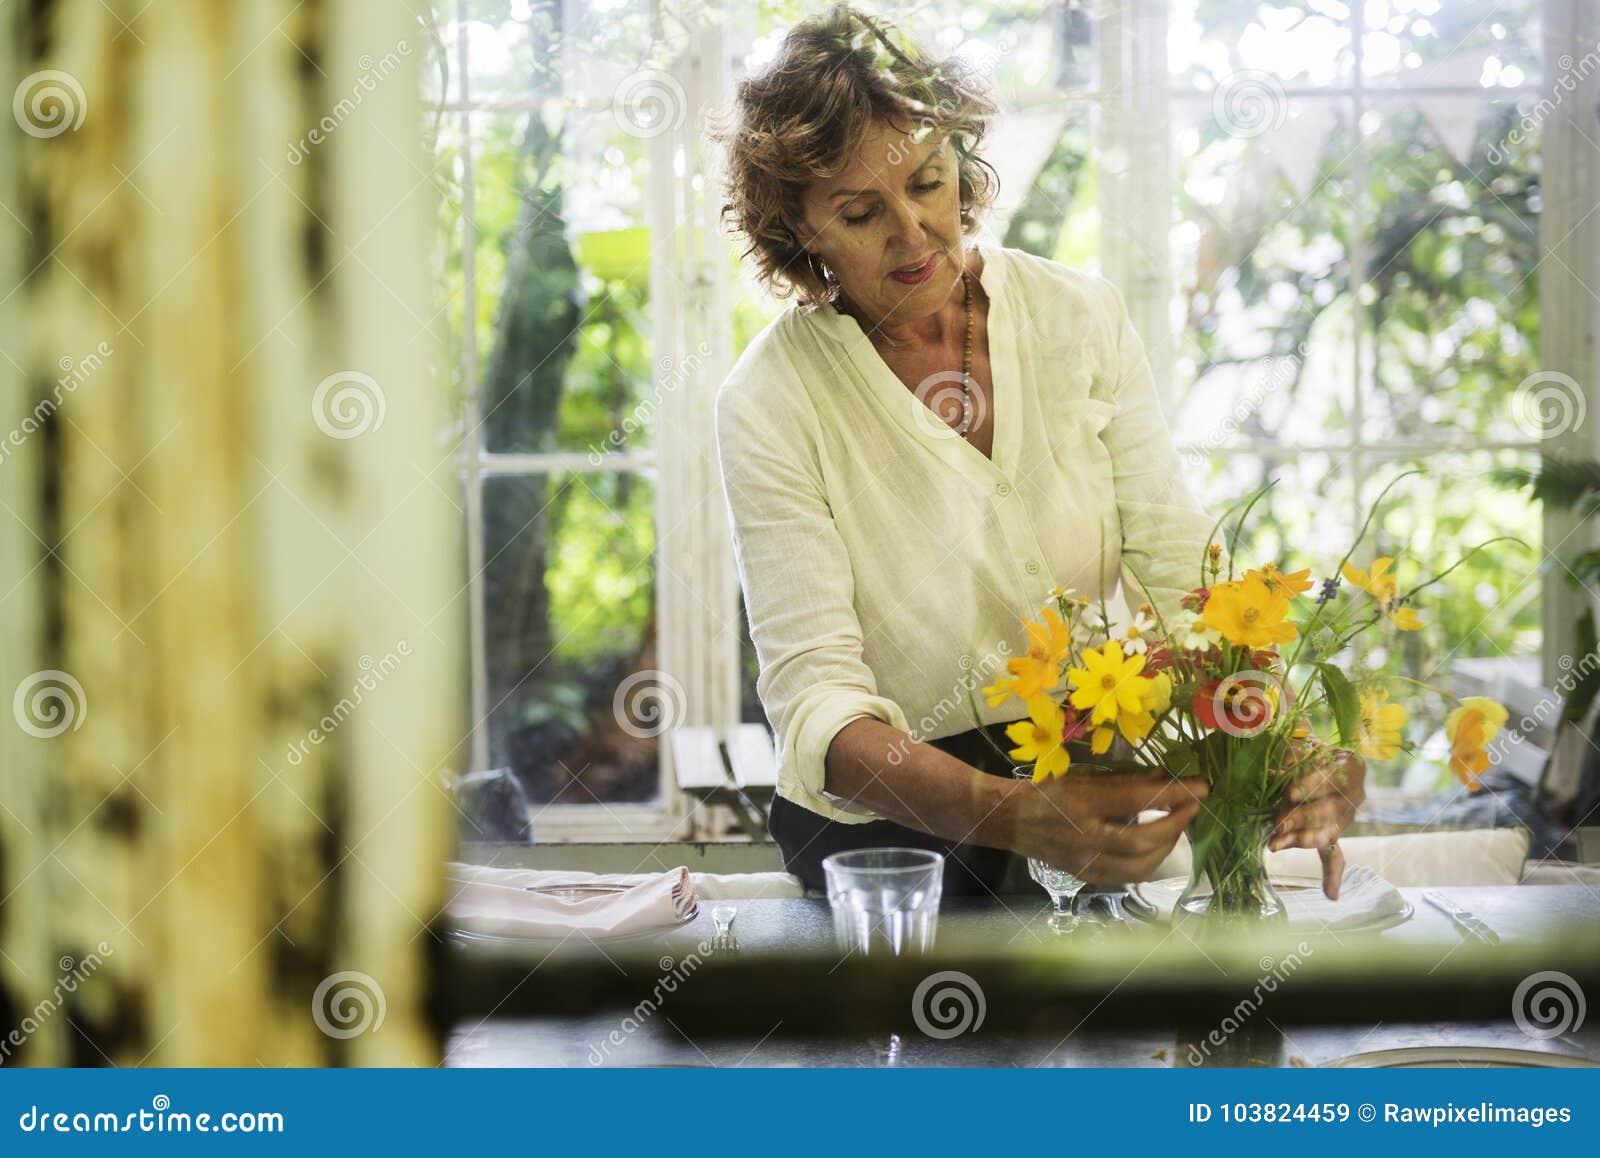 Hogere vrouw die verse bloemen schikken